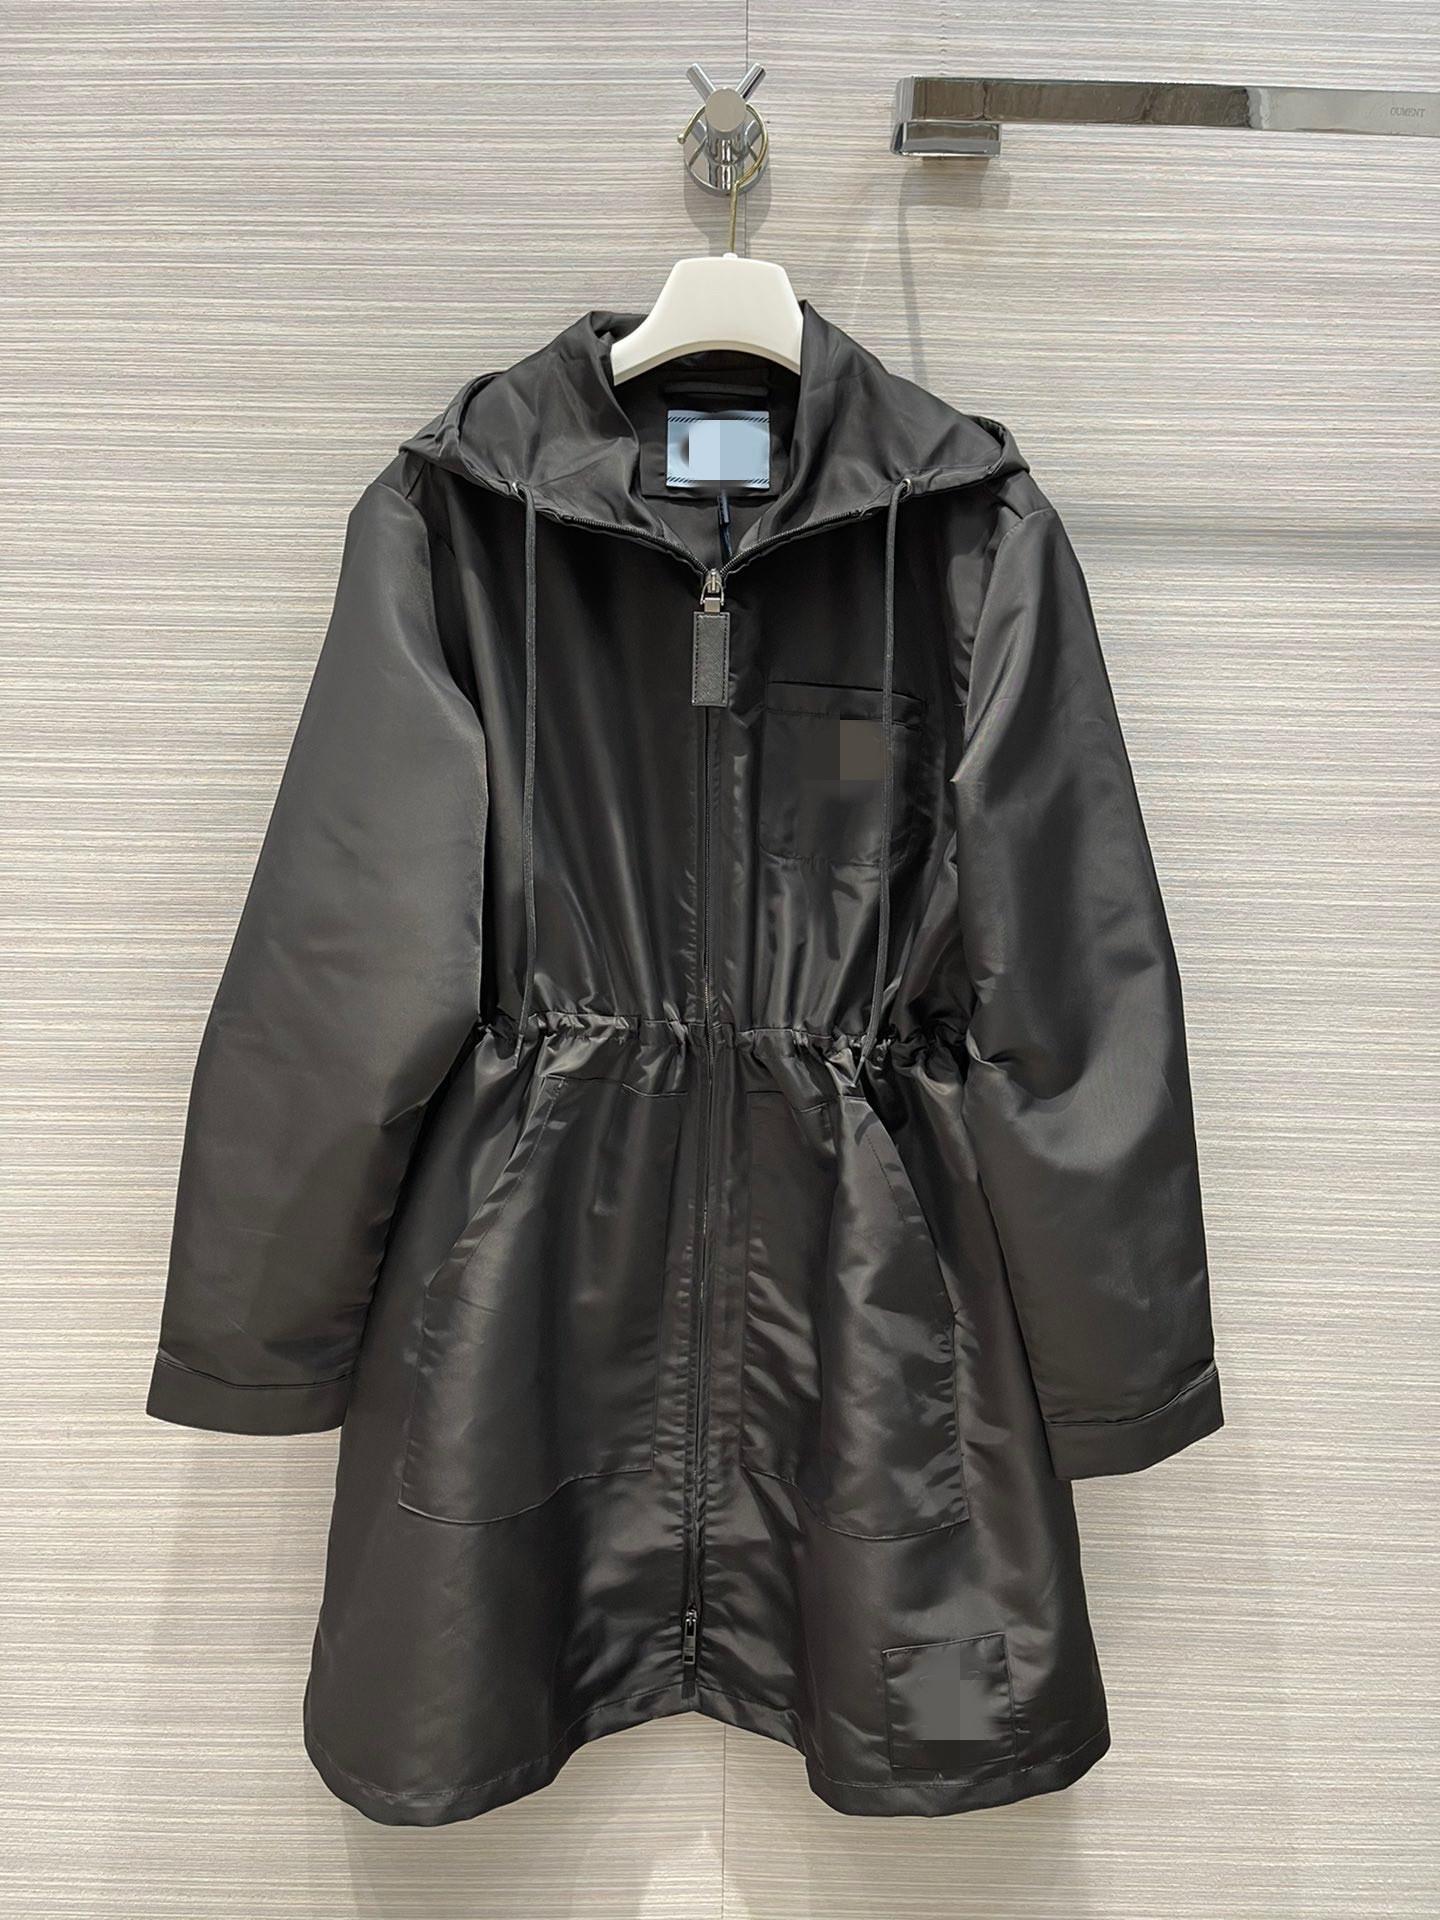 Milan Runway Coats 2021 Uzun Kollu Panelli Kadın Mont Tasarımcı Mont Marka Aynı Stil Ceketler 0313-8